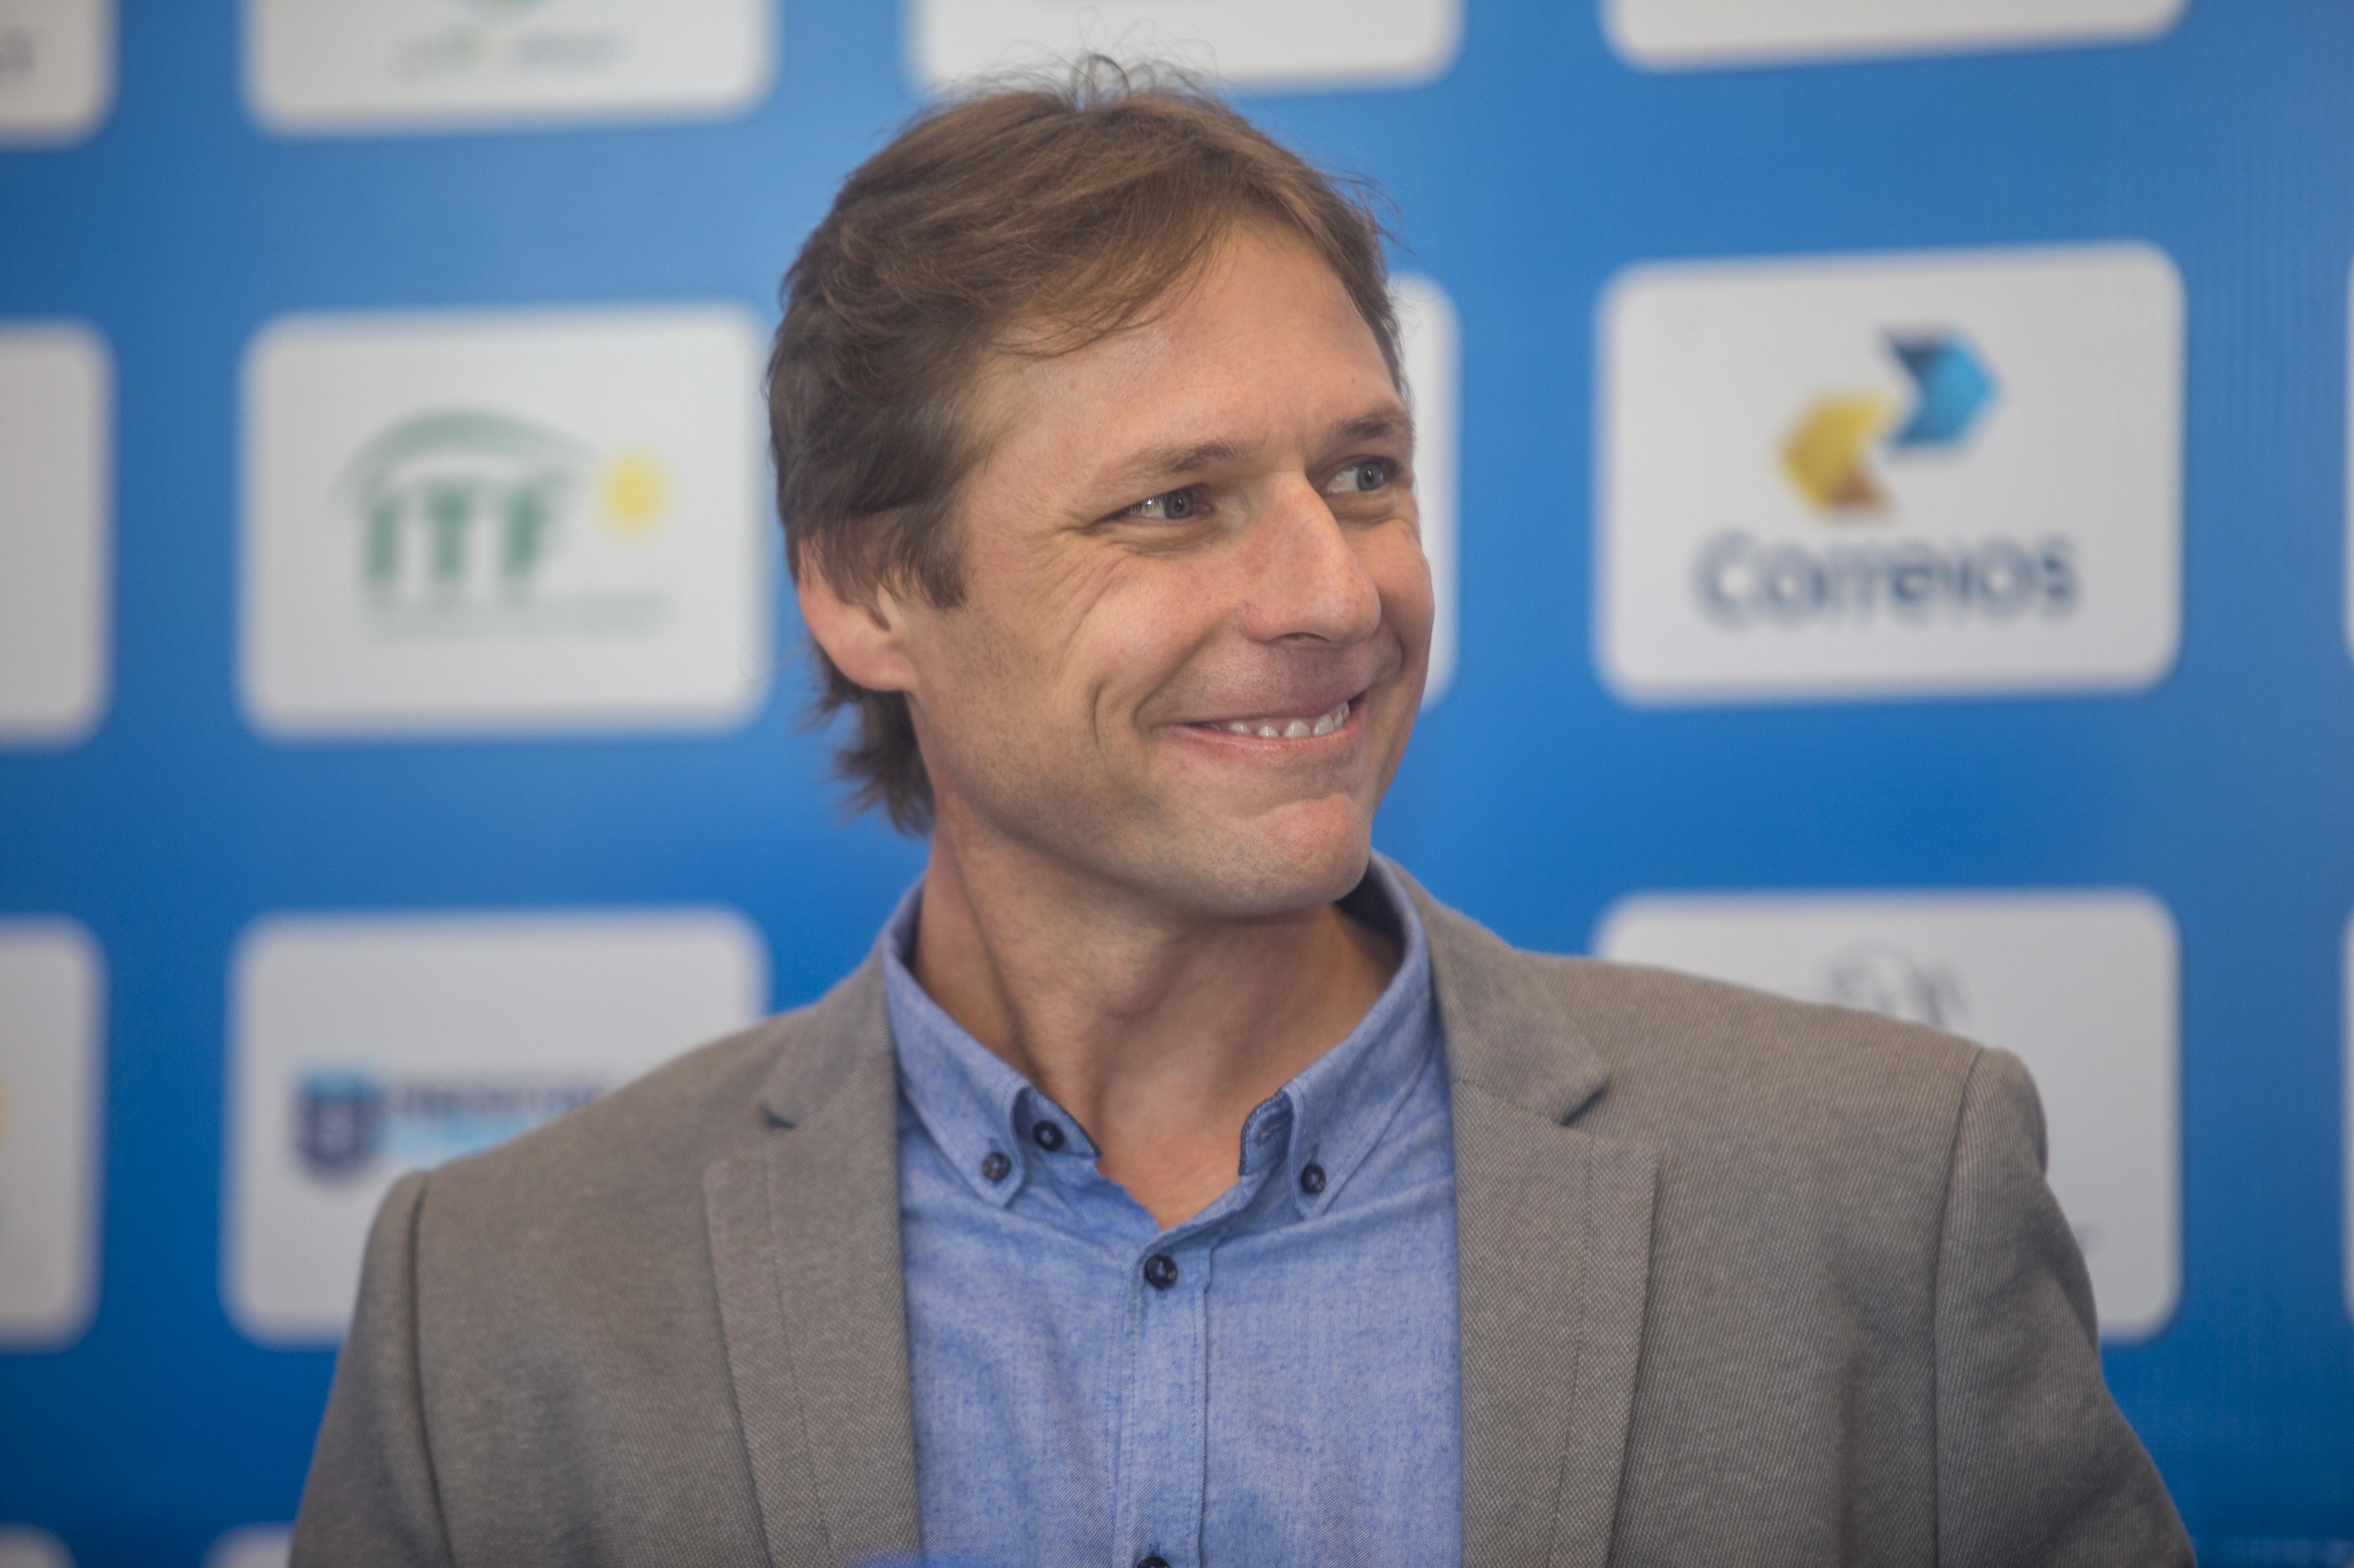 Presidente da CBT, Rafael Westrupp, quer reunir as principais lideranças do tênis para alavancar o esporte - Flávio Tin/ND